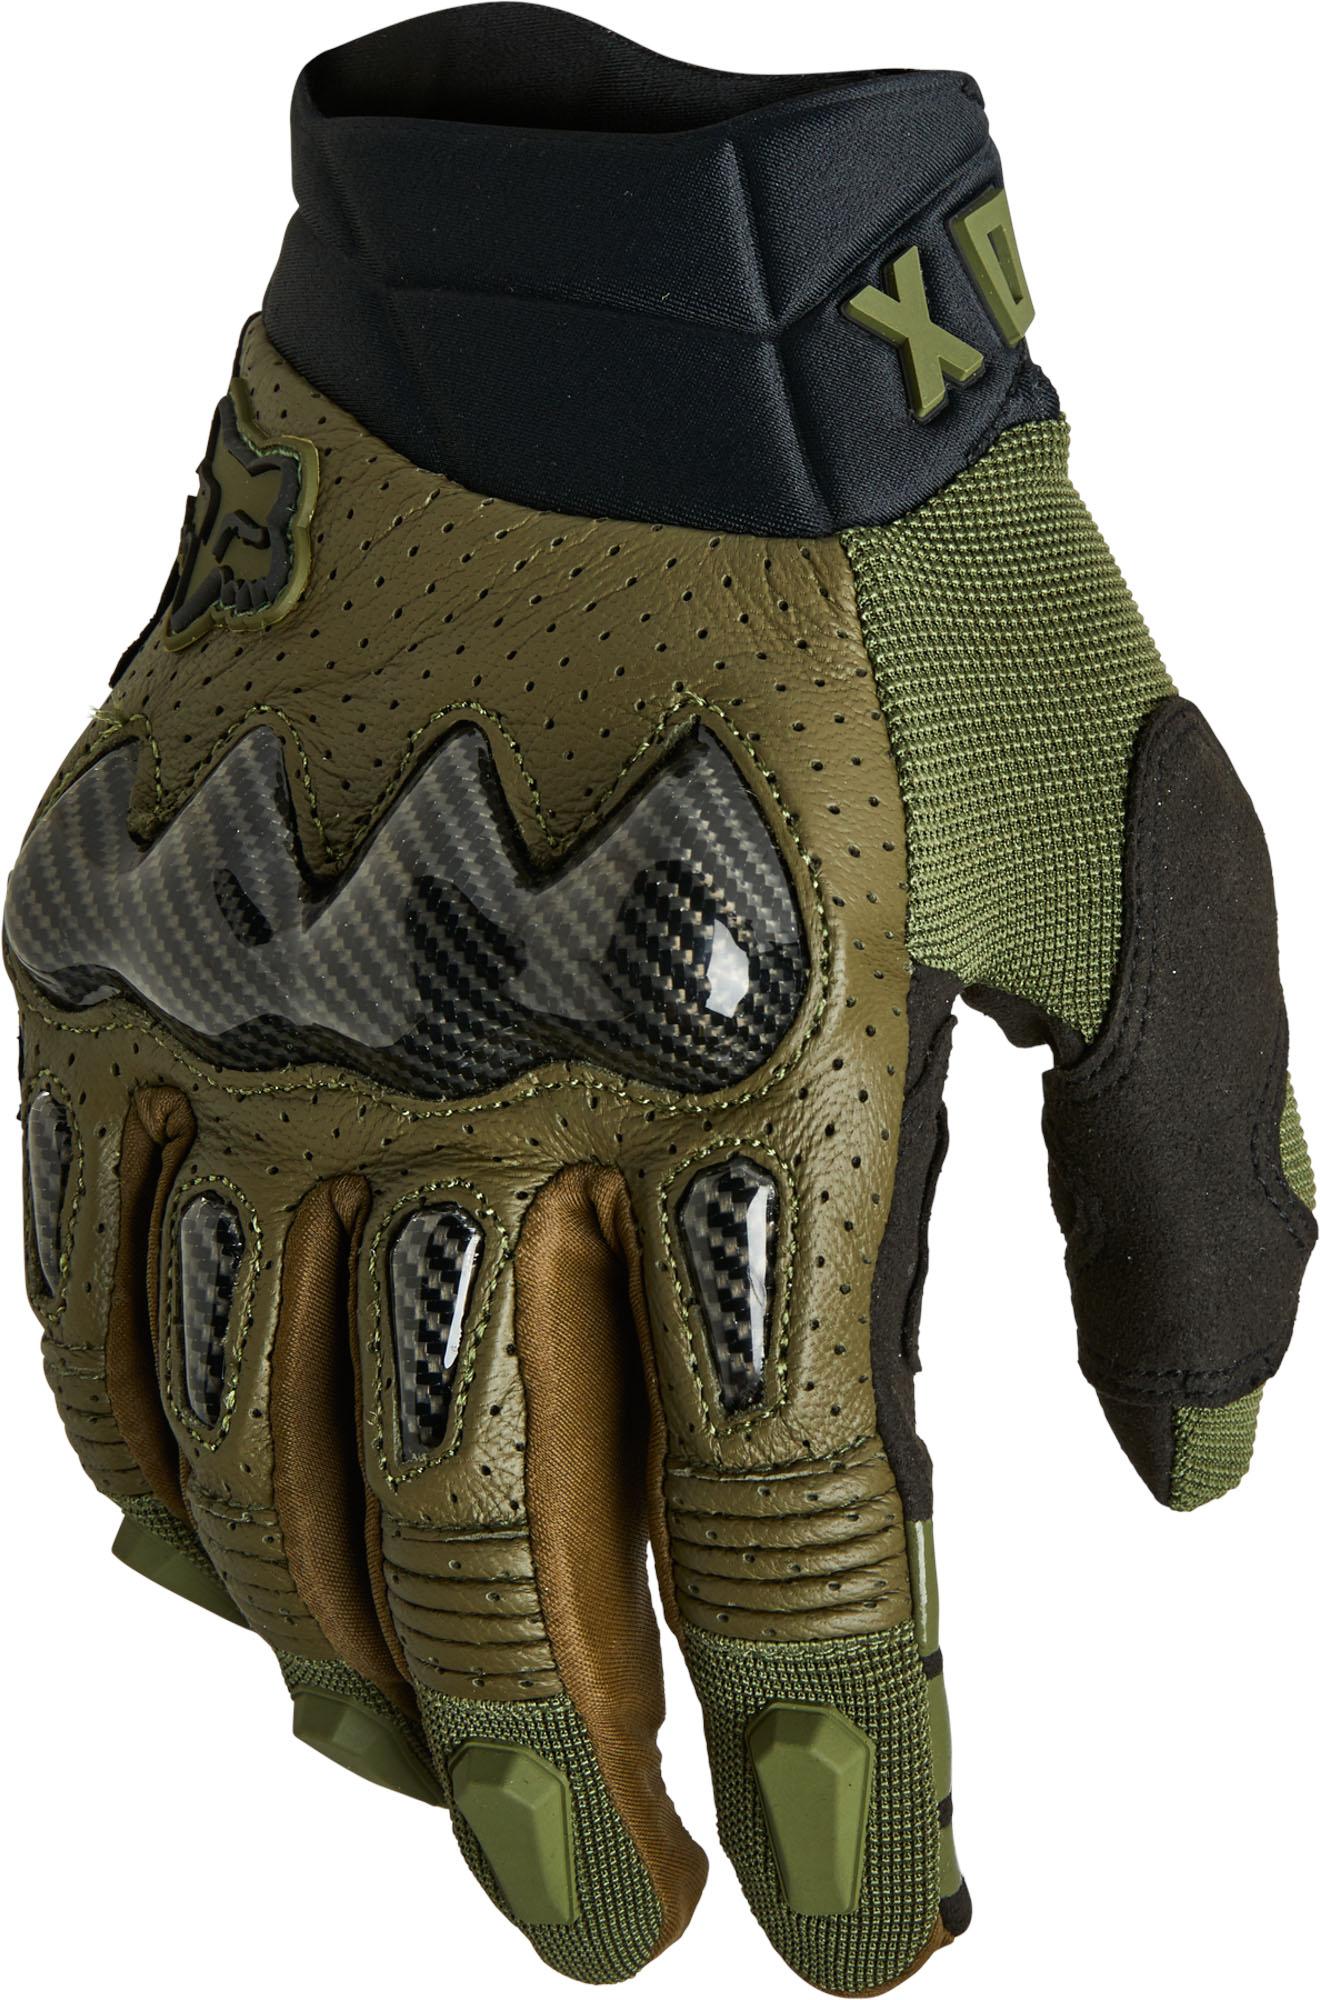 FOX Bomber Glove Ce - Green MX22